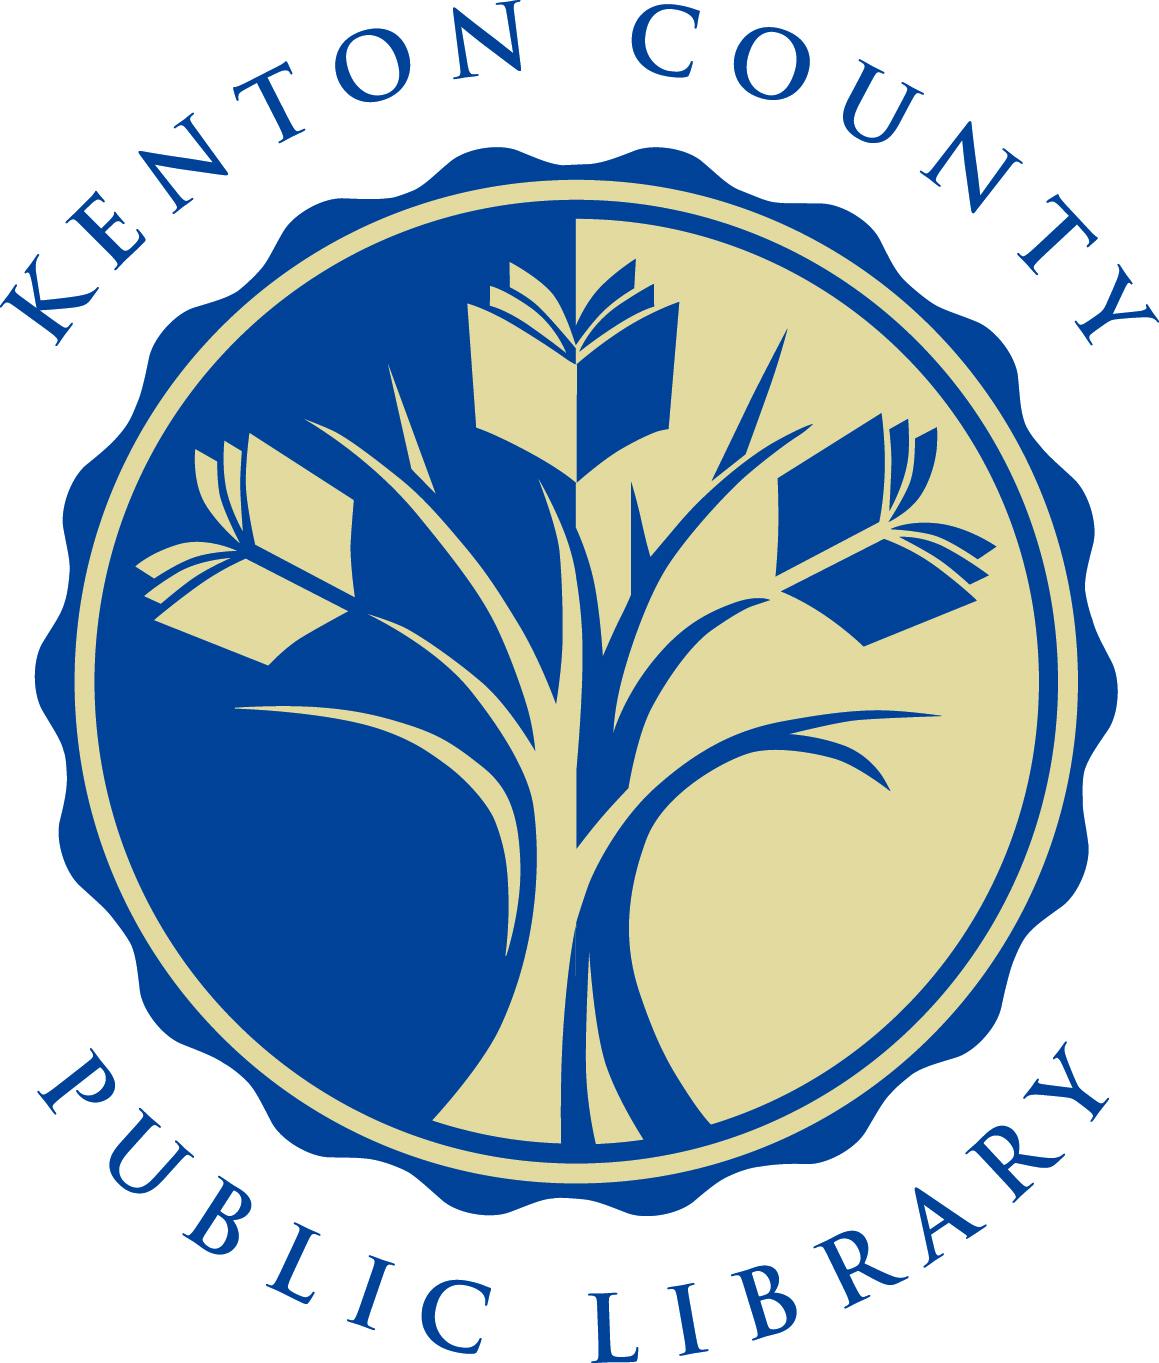 Kenton Co Library logo